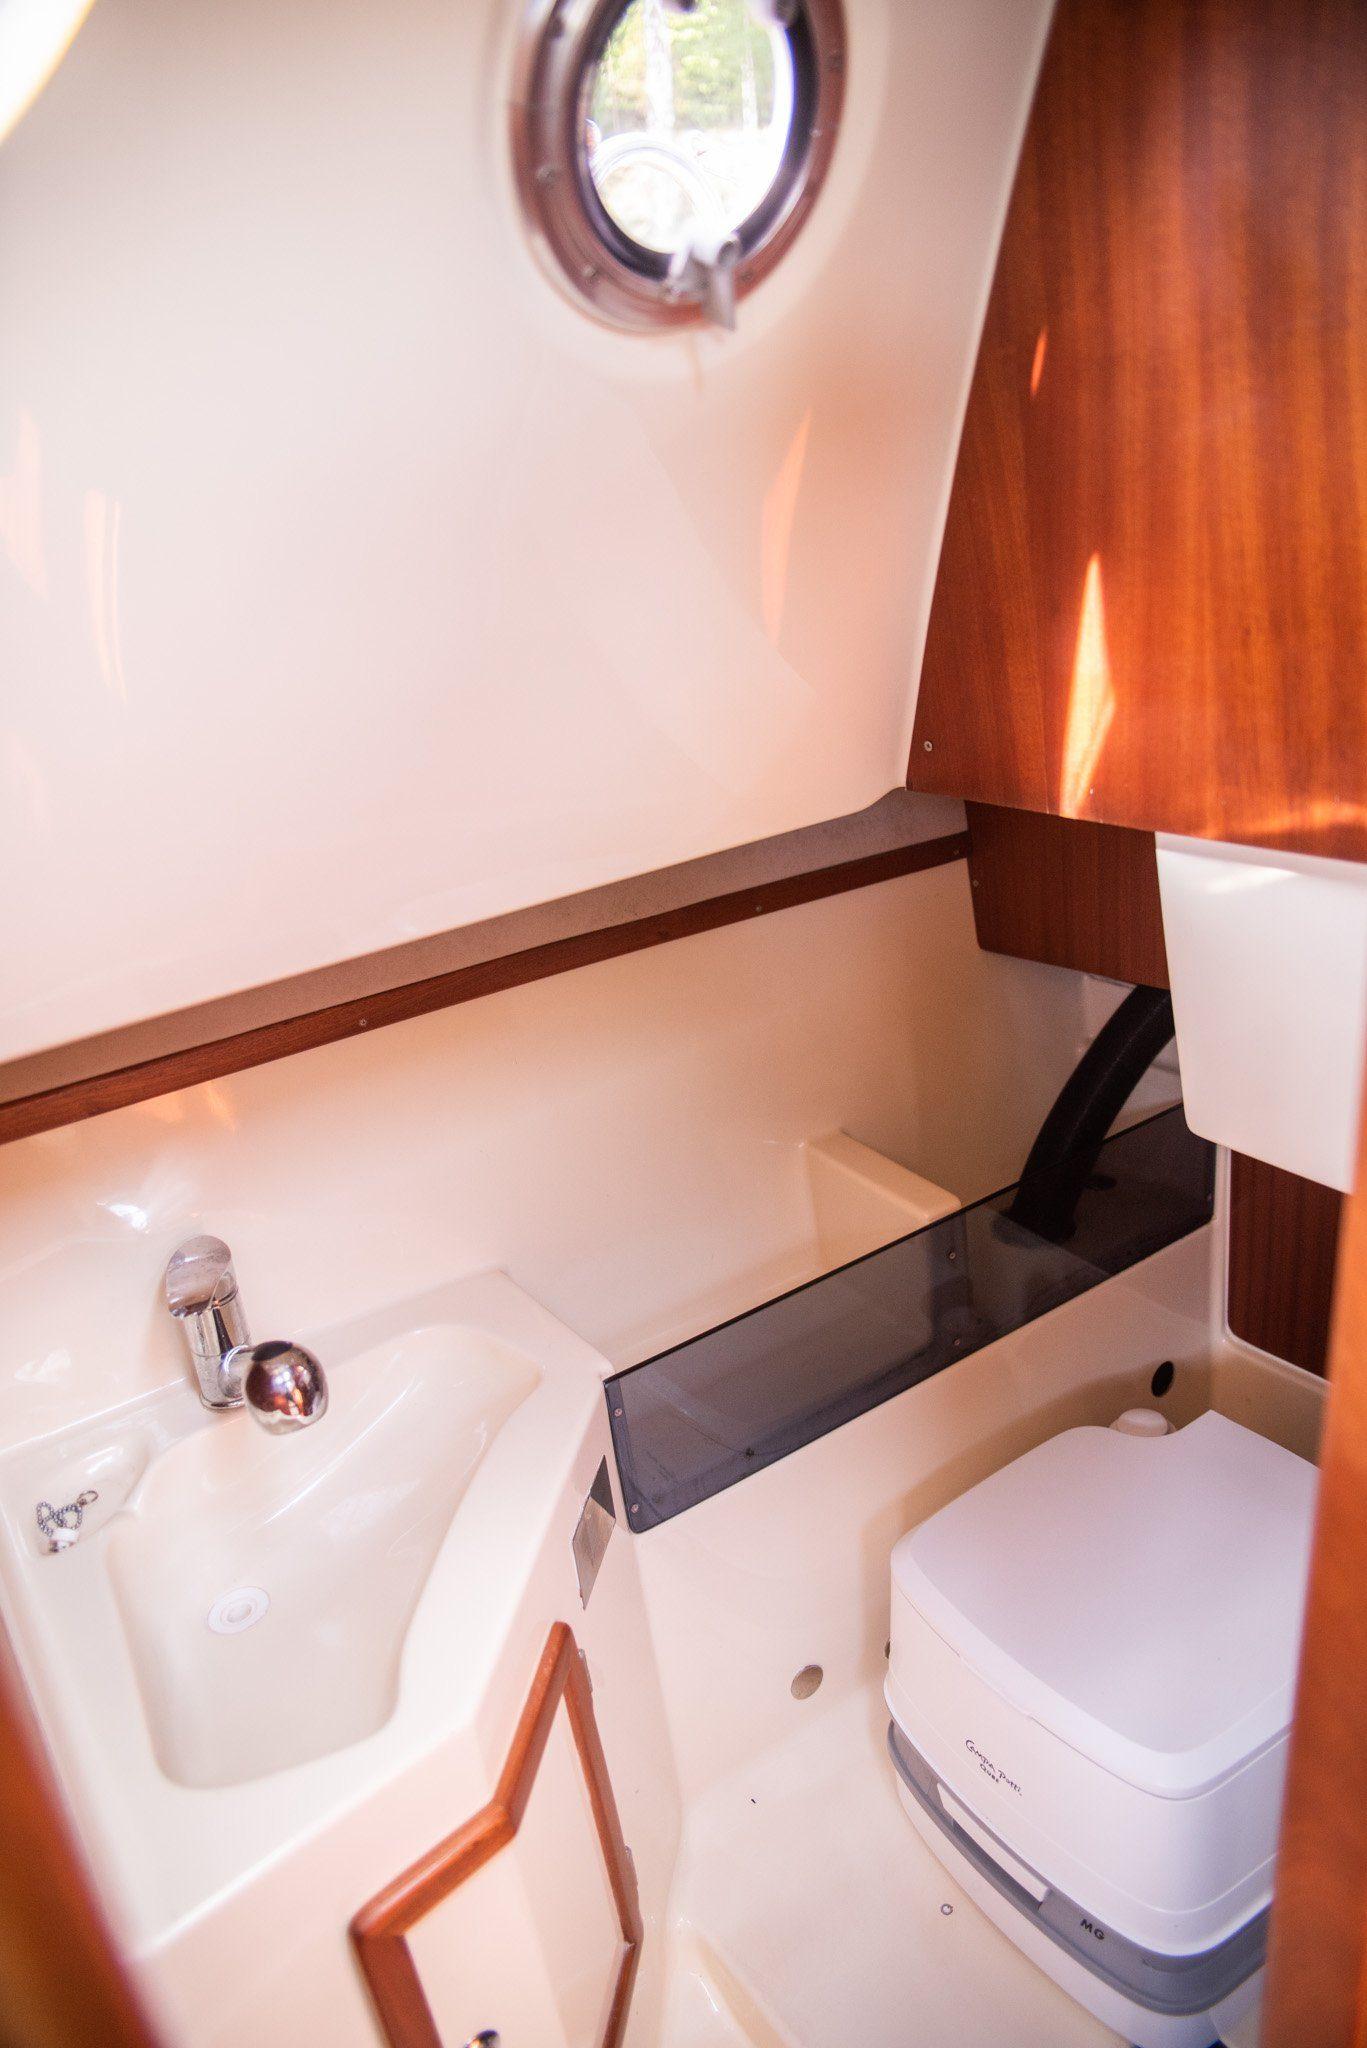 sunhorse 25 prysznic w kabinie